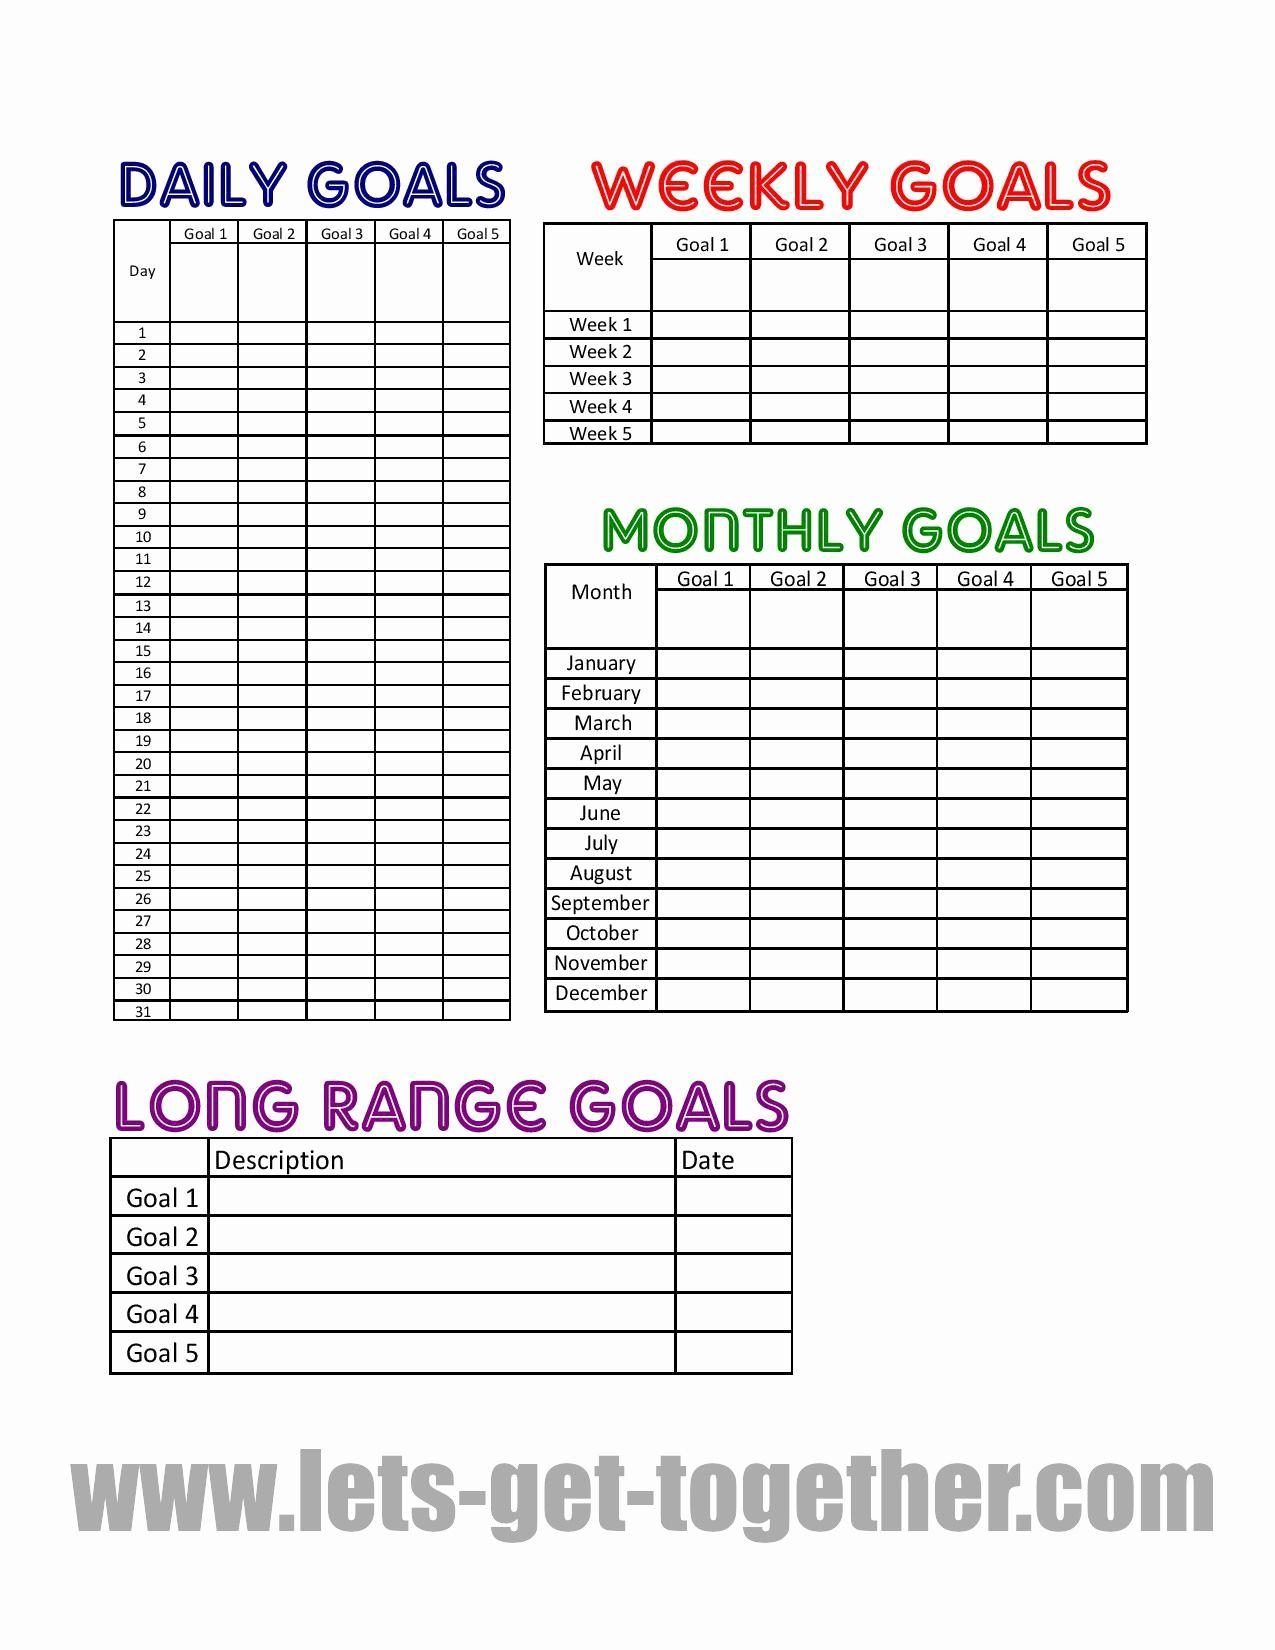 Goals Spreadsheet Of New Year Goal Setting Tips Free Printable Goals Sheet Goal Spreadsheet Goals Worksheet